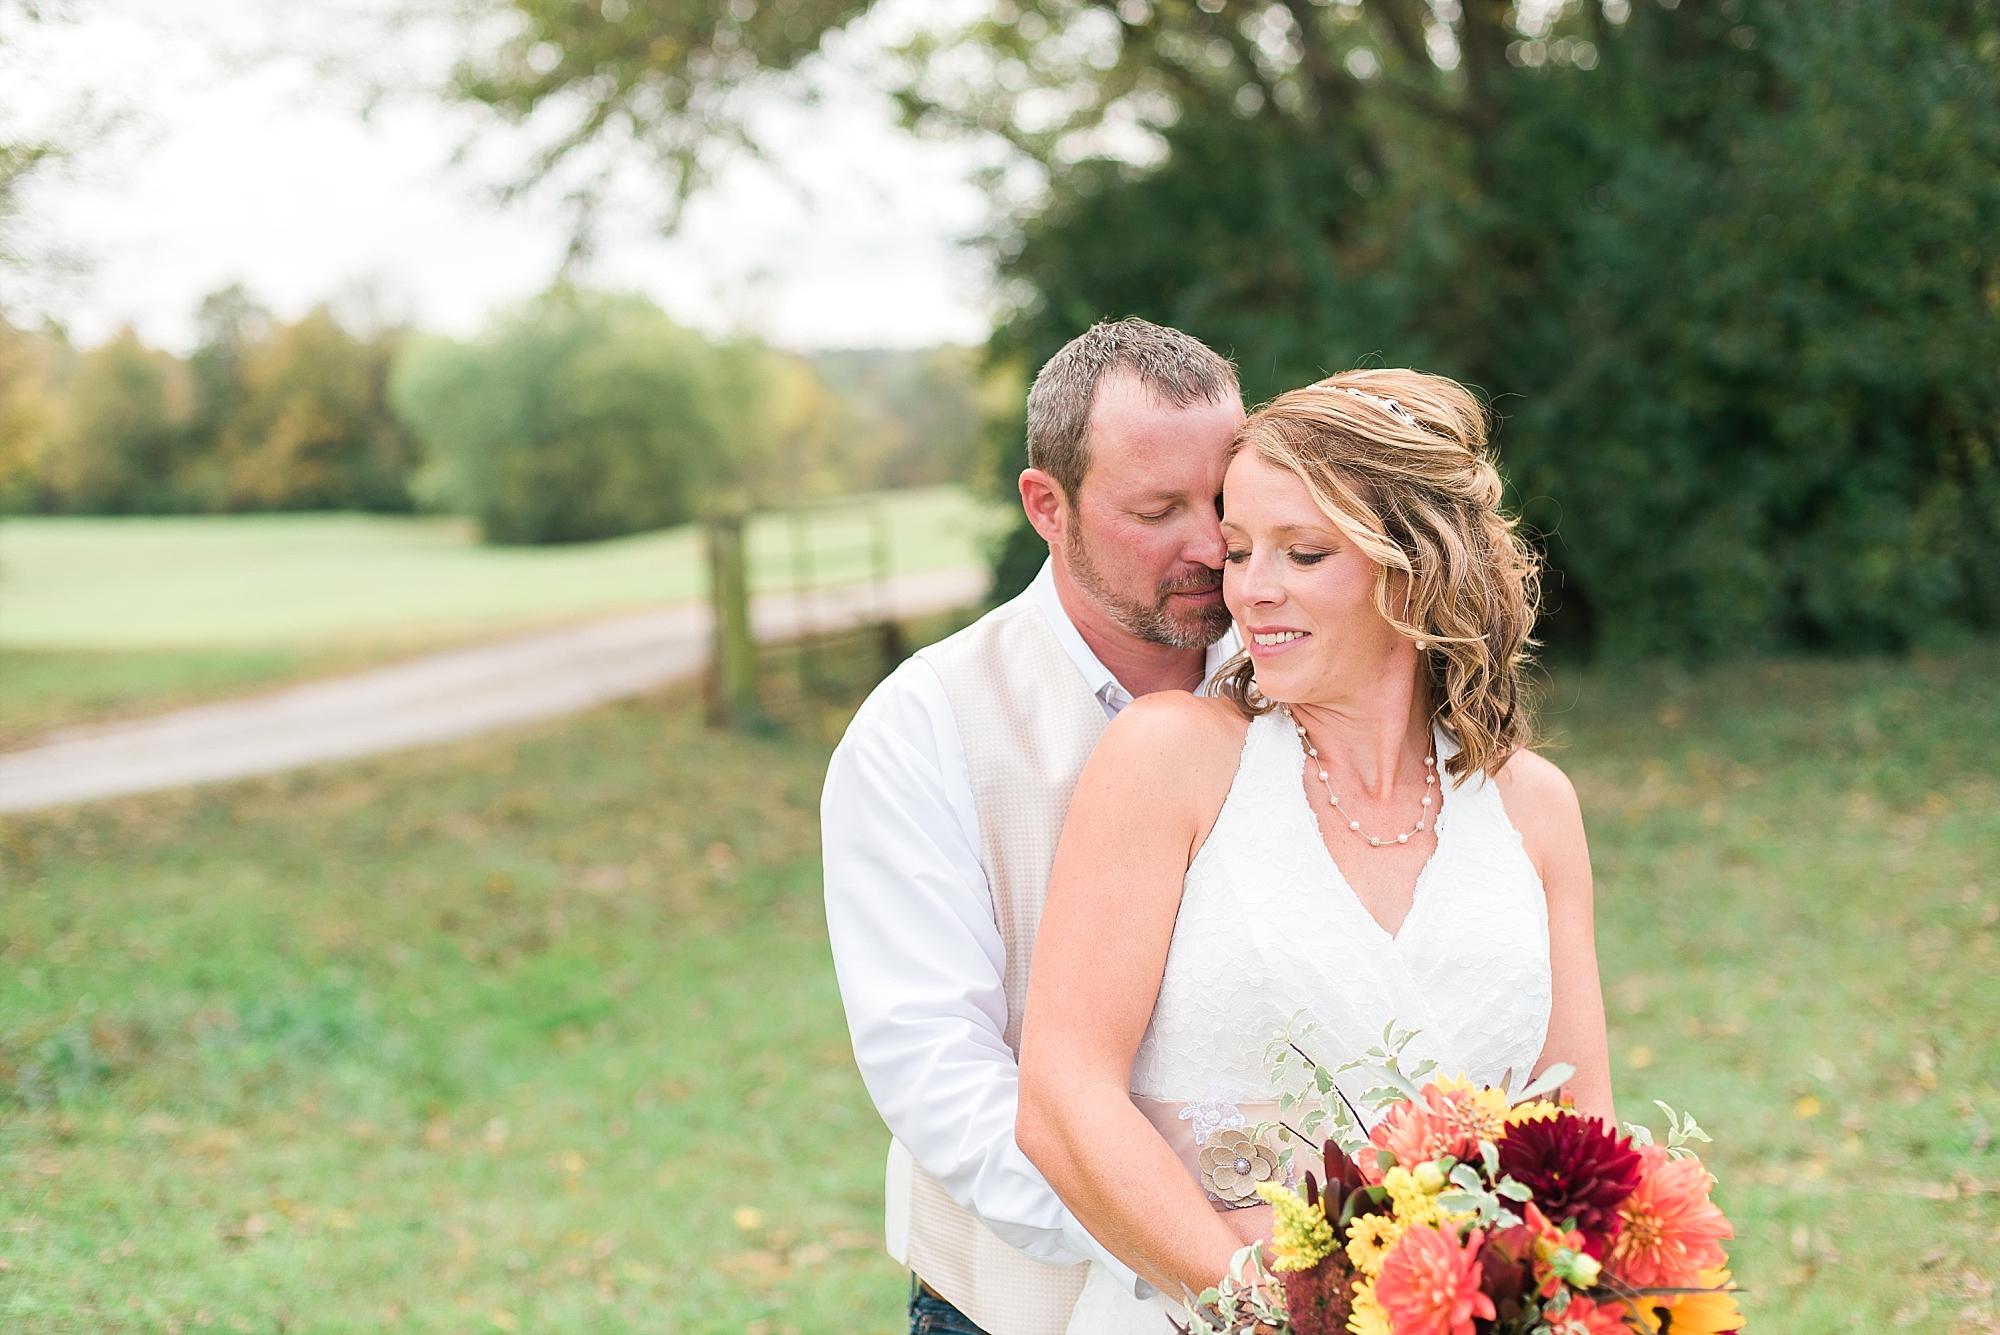 cardome-center-barn-wedding